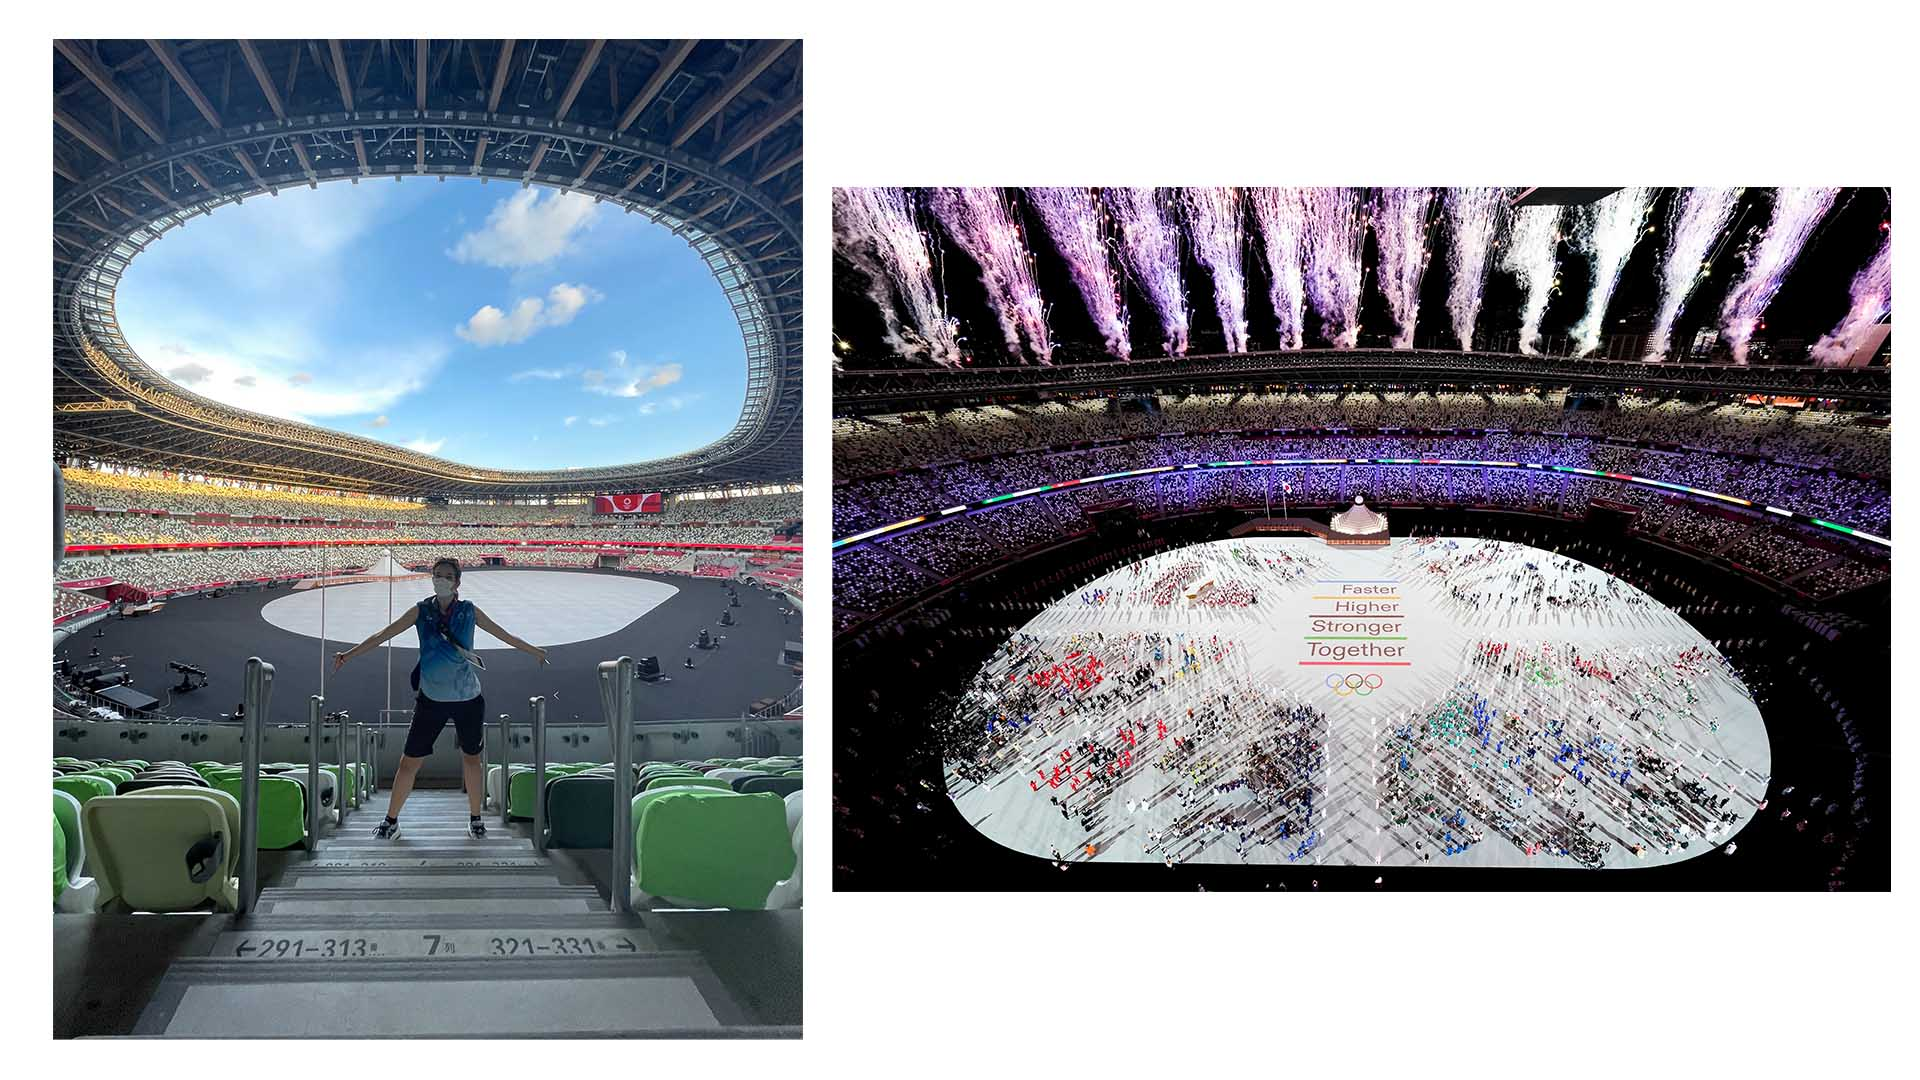 belicza bea fertőzésveszély japán japán művészet koronavírus maszkviselés molnár julianna olimpia önkéntes ösztöndíjas ötkarikás rendezvény tokió VIP páholy